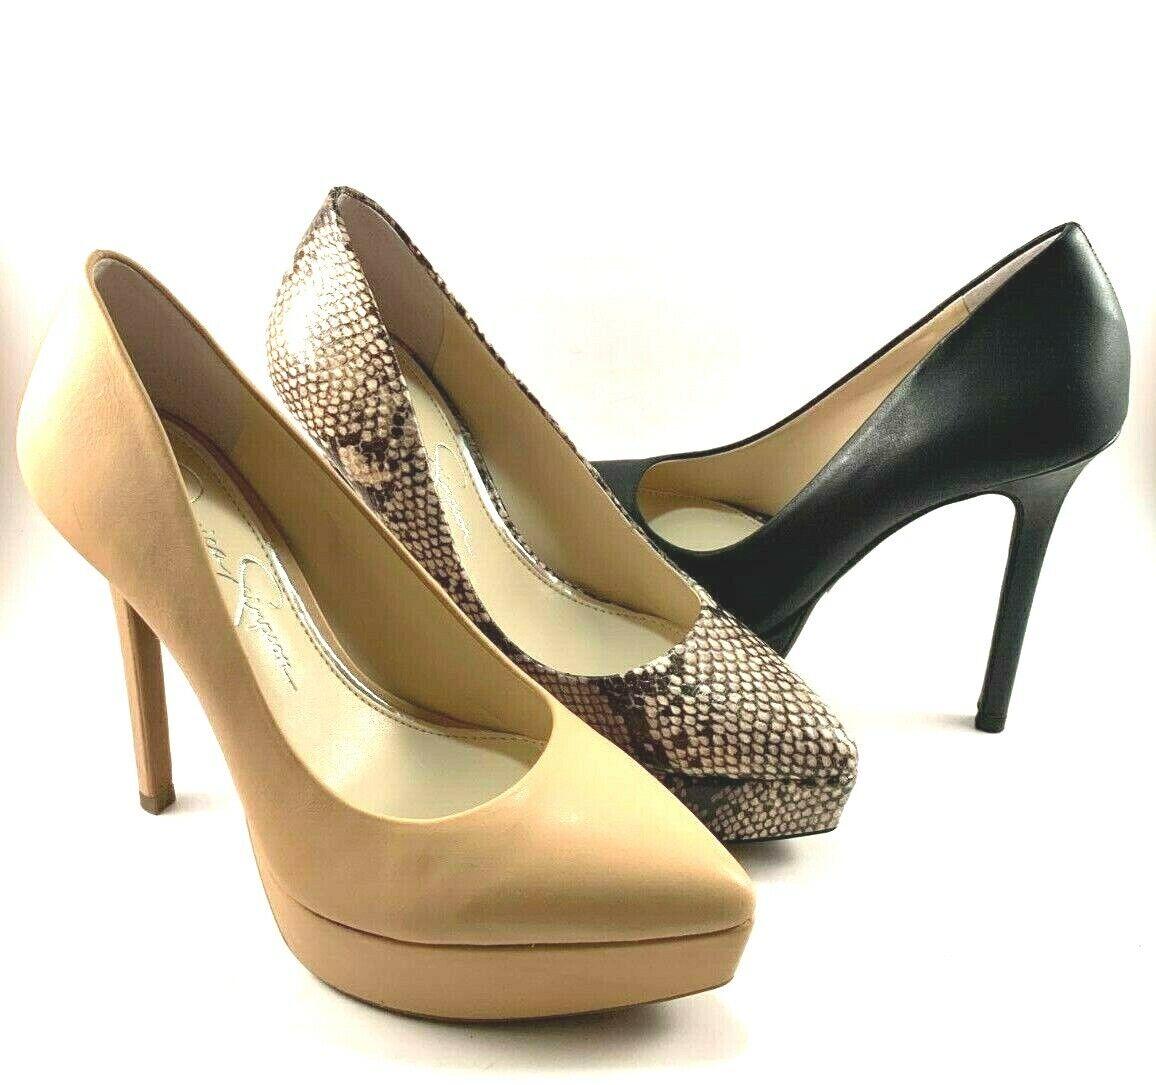 Jessica Simpson Lael Pointed Toe Platform Pumps Choose Sz color